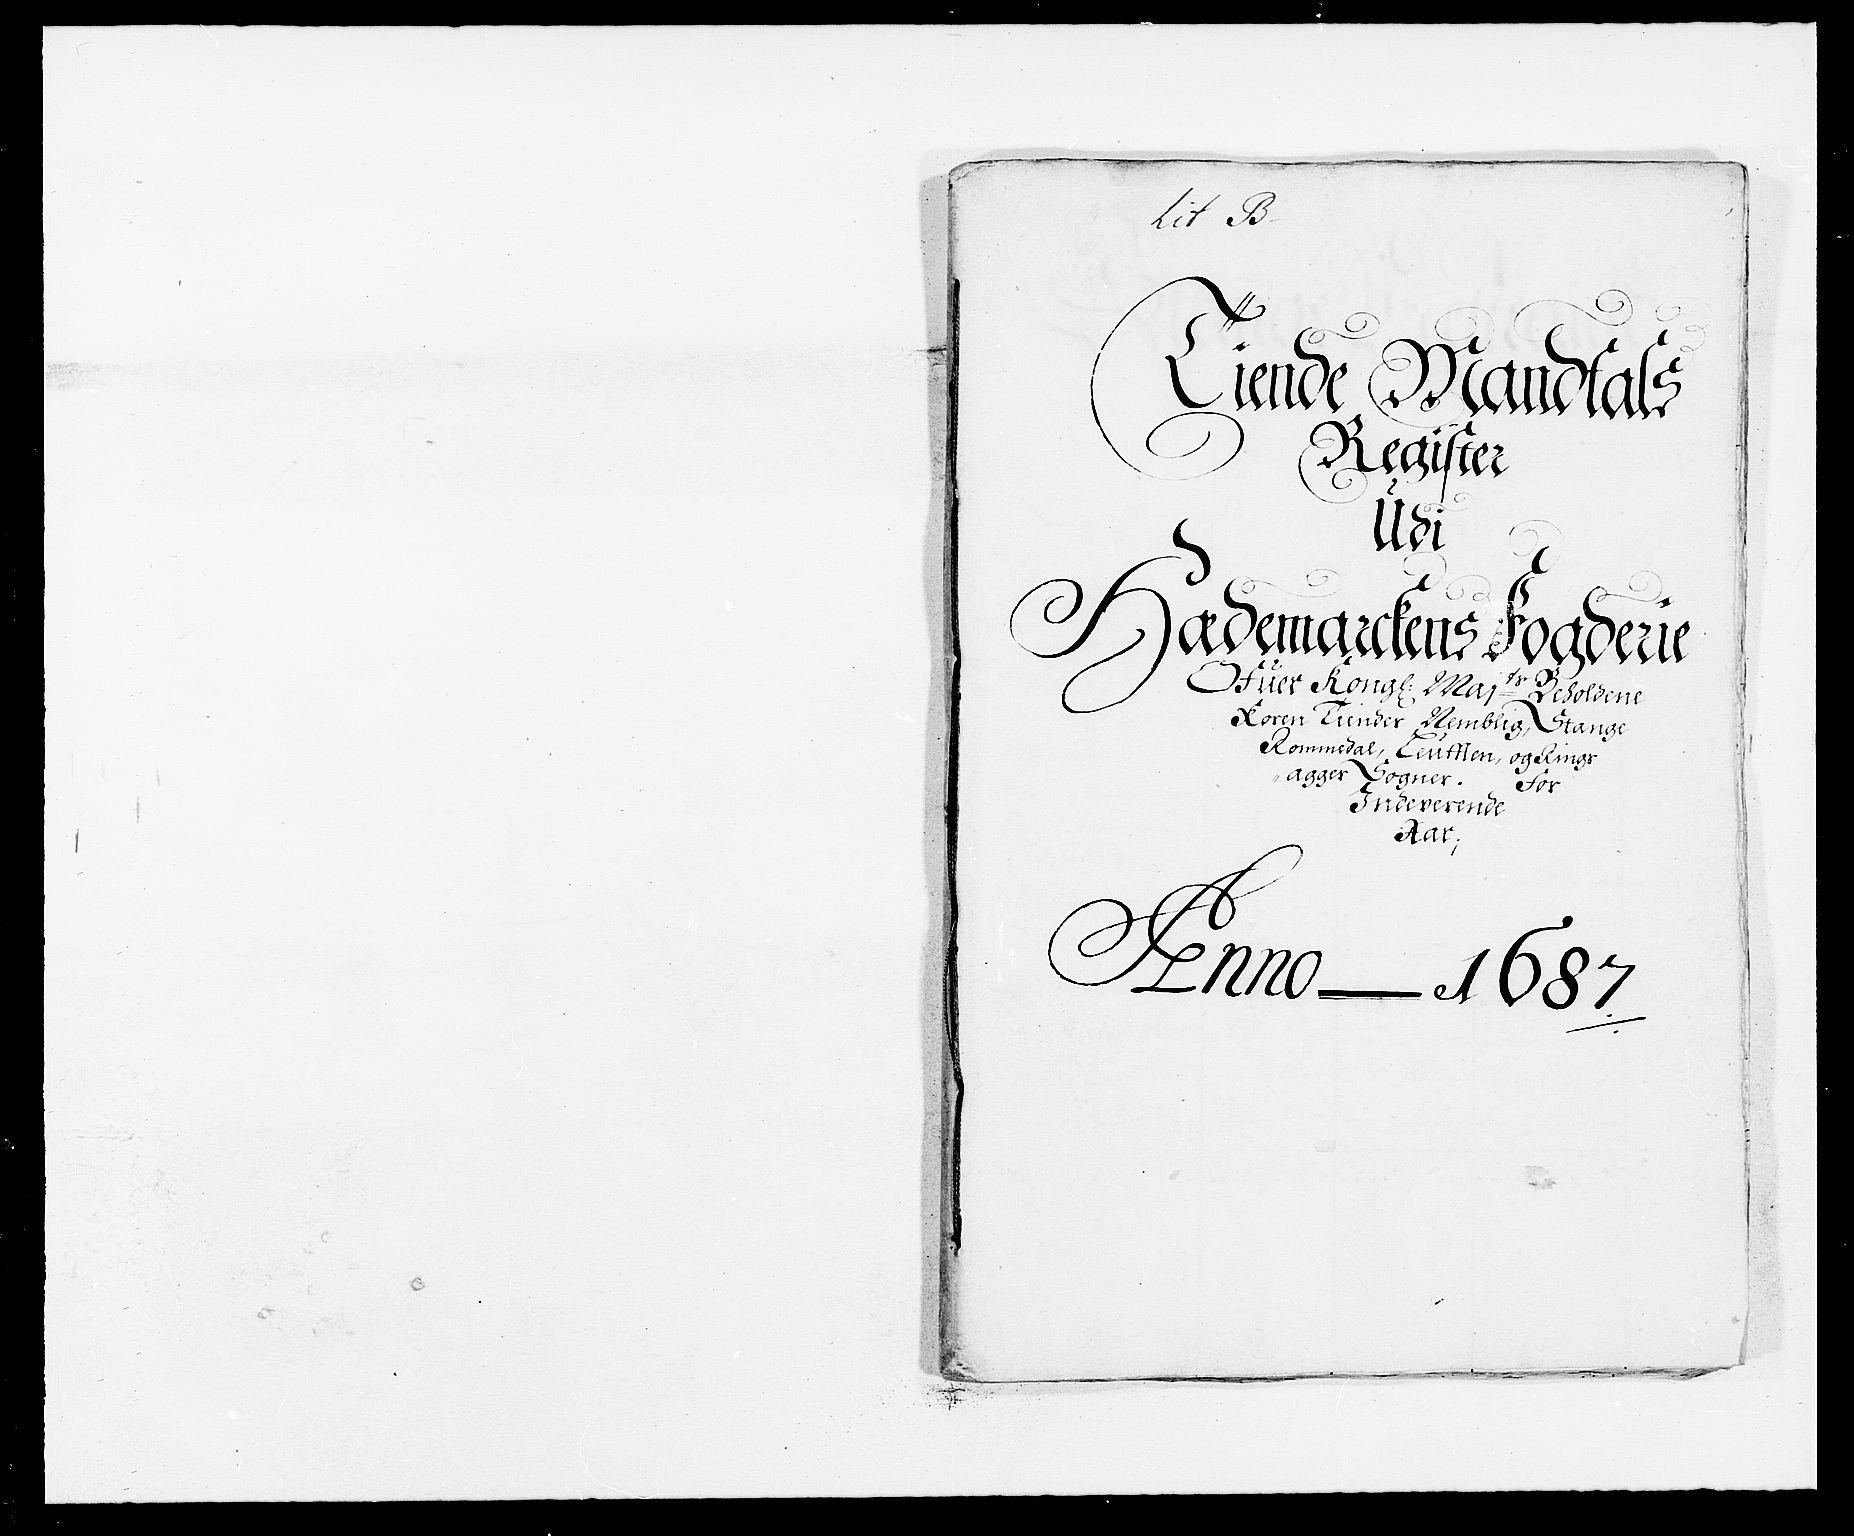 RA, Rentekammeret inntil 1814, Reviderte regnskaper, Fogderegnskap, R16/L1028: Fogderegnskap Hedmark, 1687, s. 35